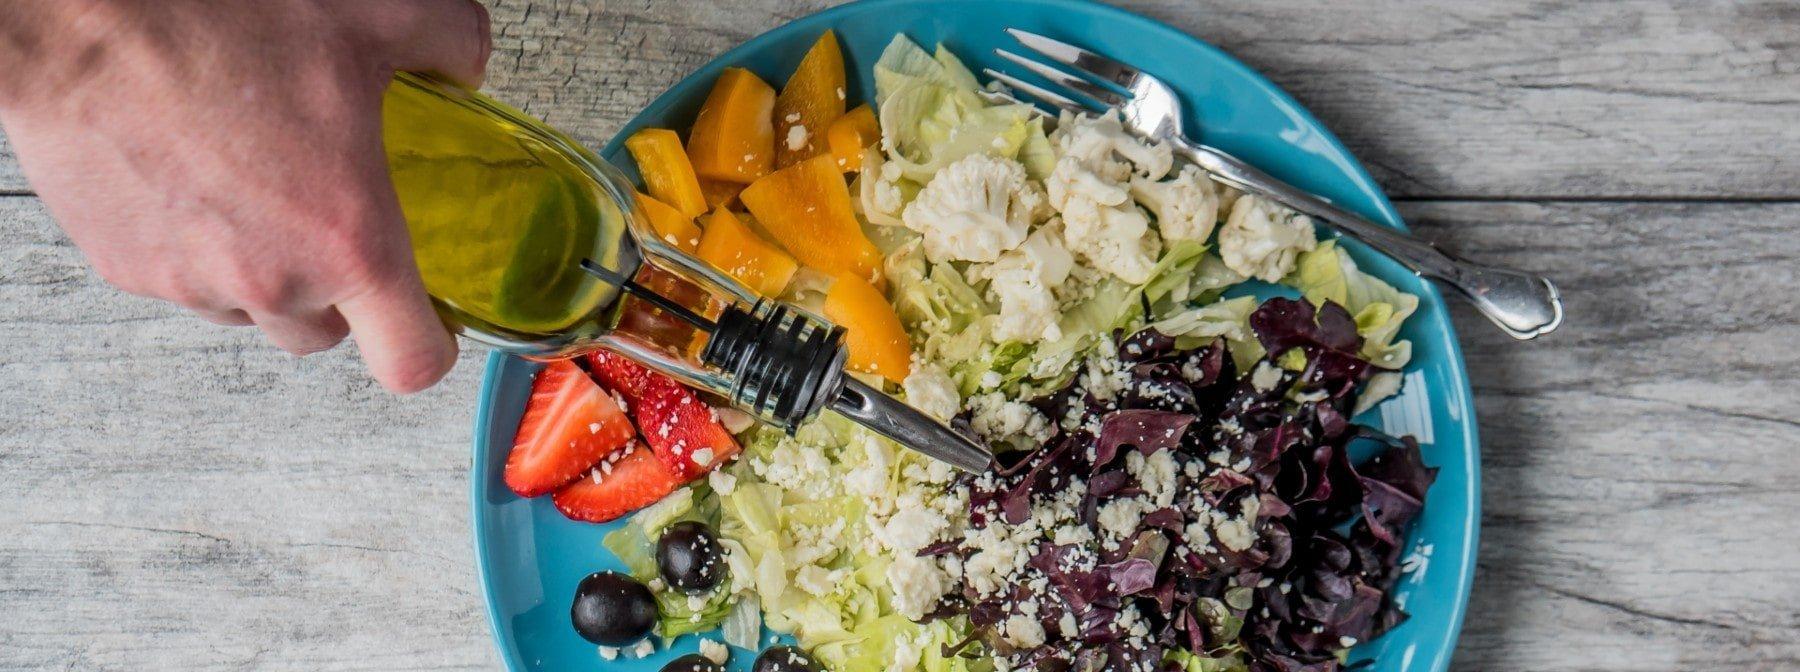 Czy Sterole Roślinne Obniżają Poziom Cholesterolu?